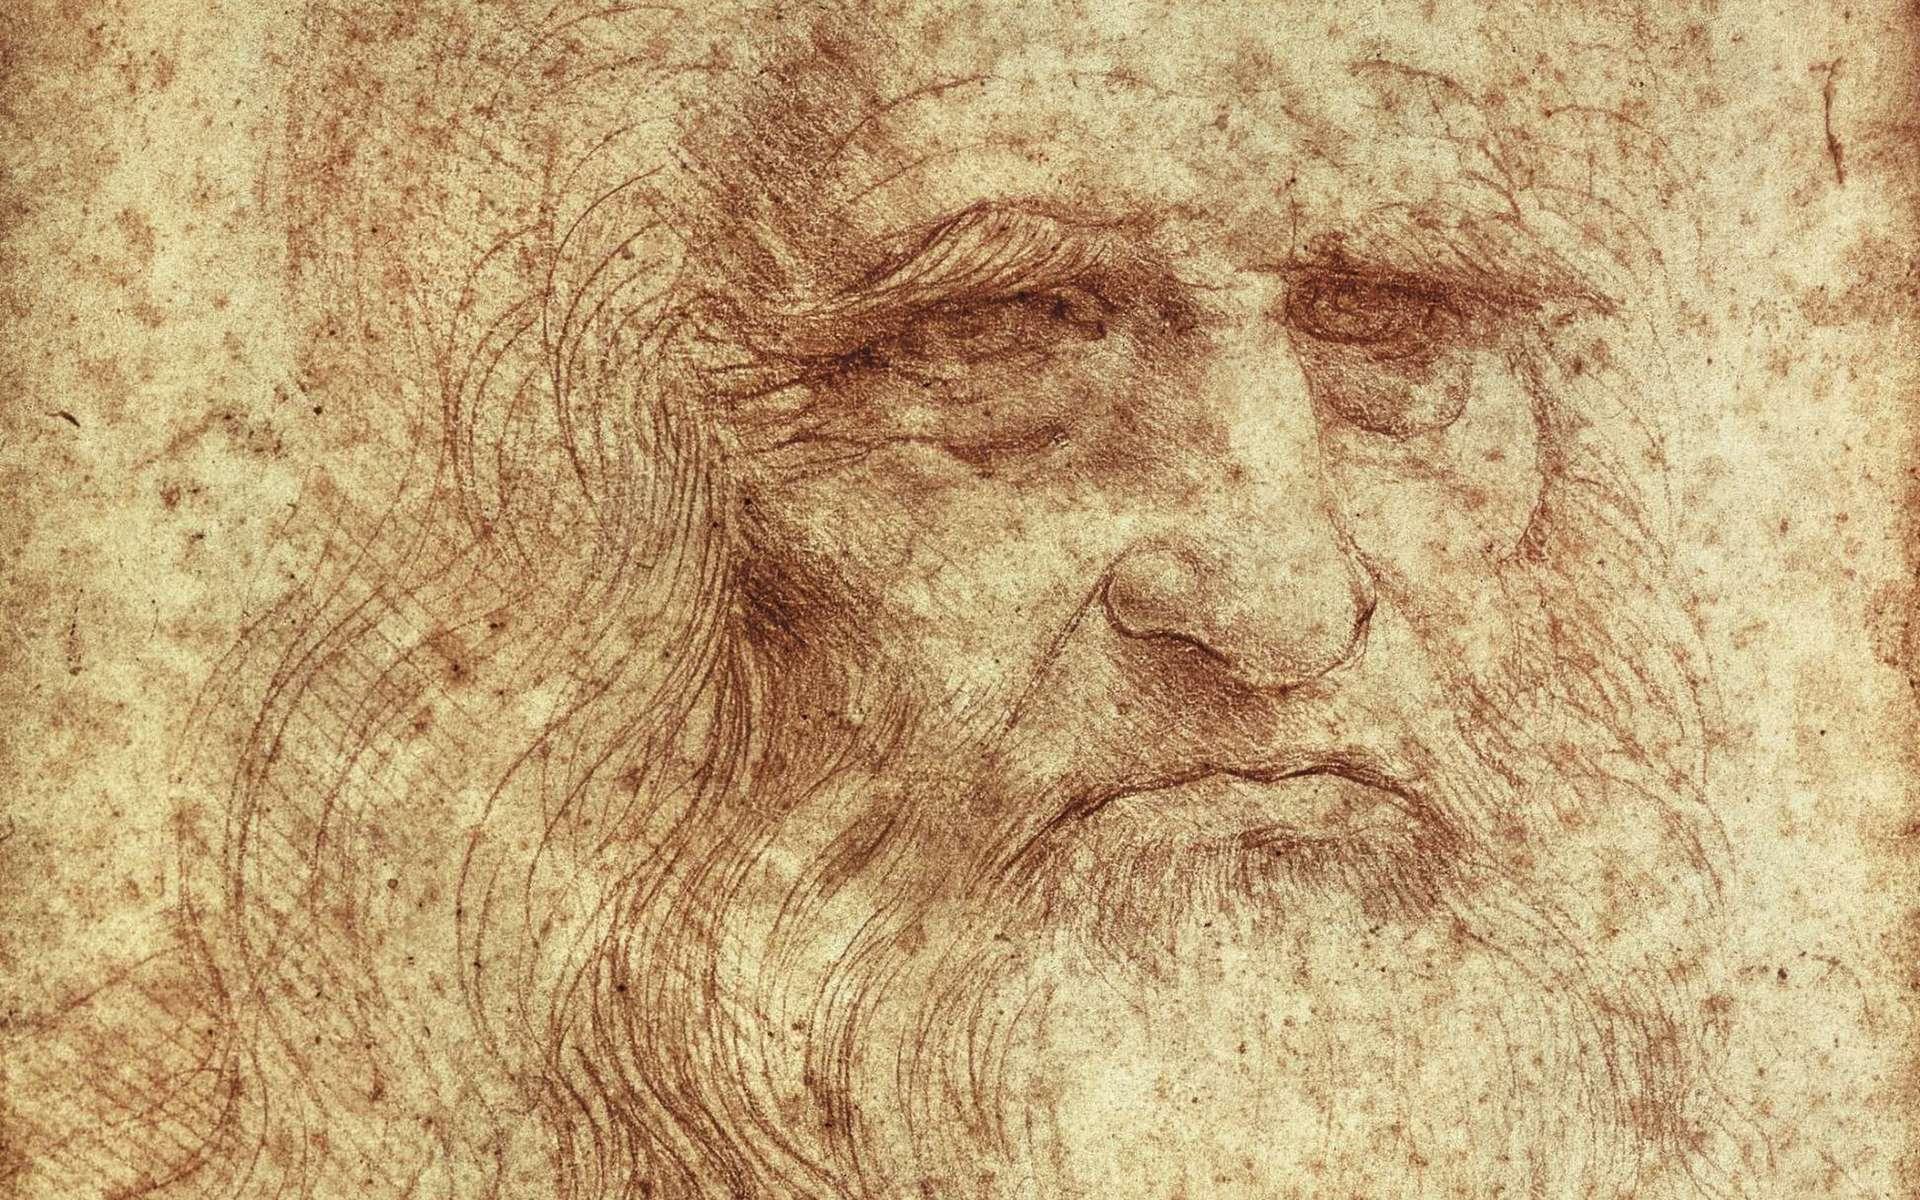 Léonard de Vinci, inventeur, artiste, écrivain... continue de fasciner par ses nombreuses compétences dans les domaines scientifiques, artistiques et techniques. © Everett – Art, Shutterstock